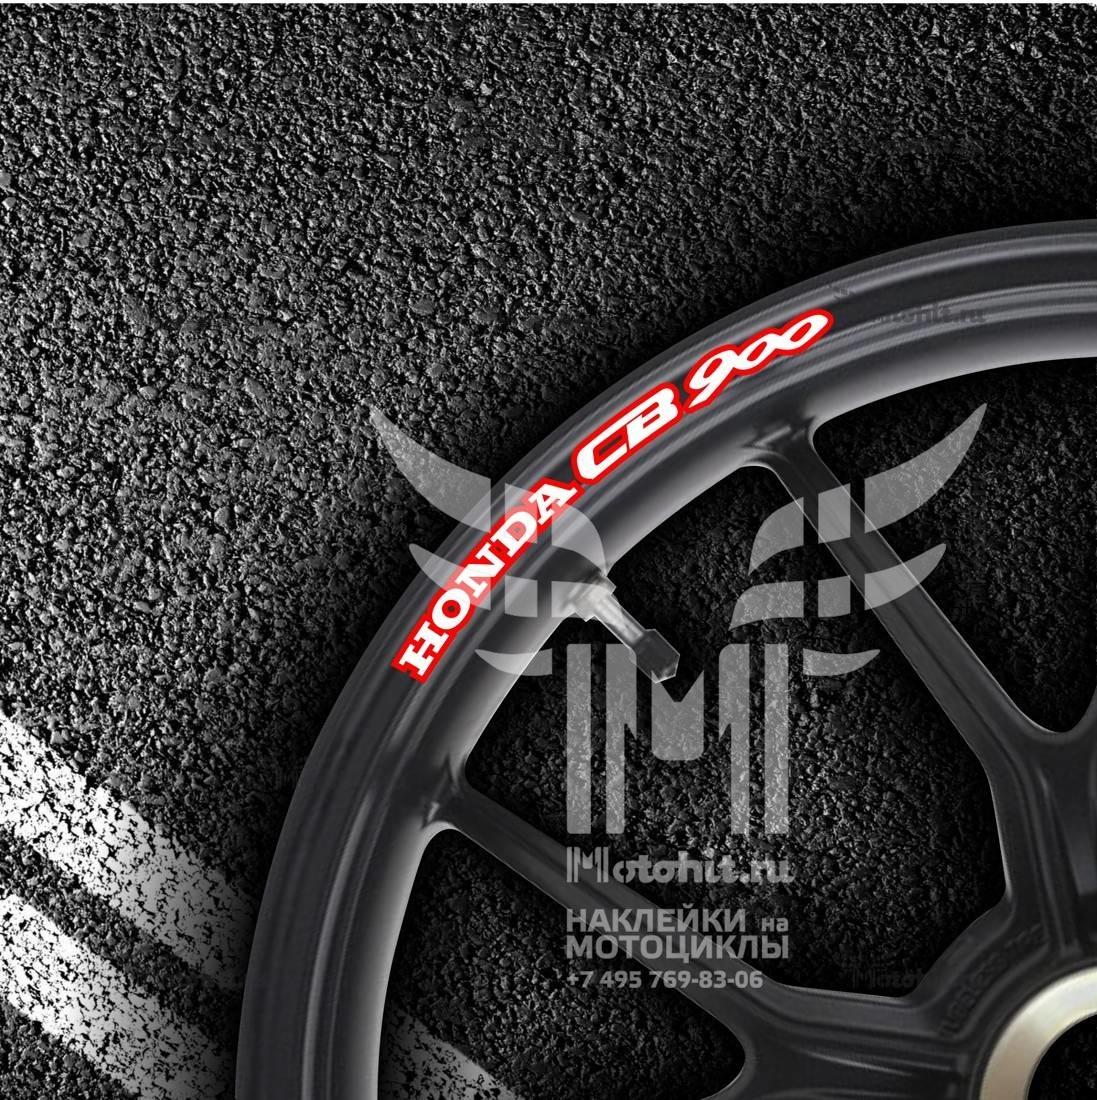 Комплект наклеек на обод колеса мотоцикла HONDA CB-900